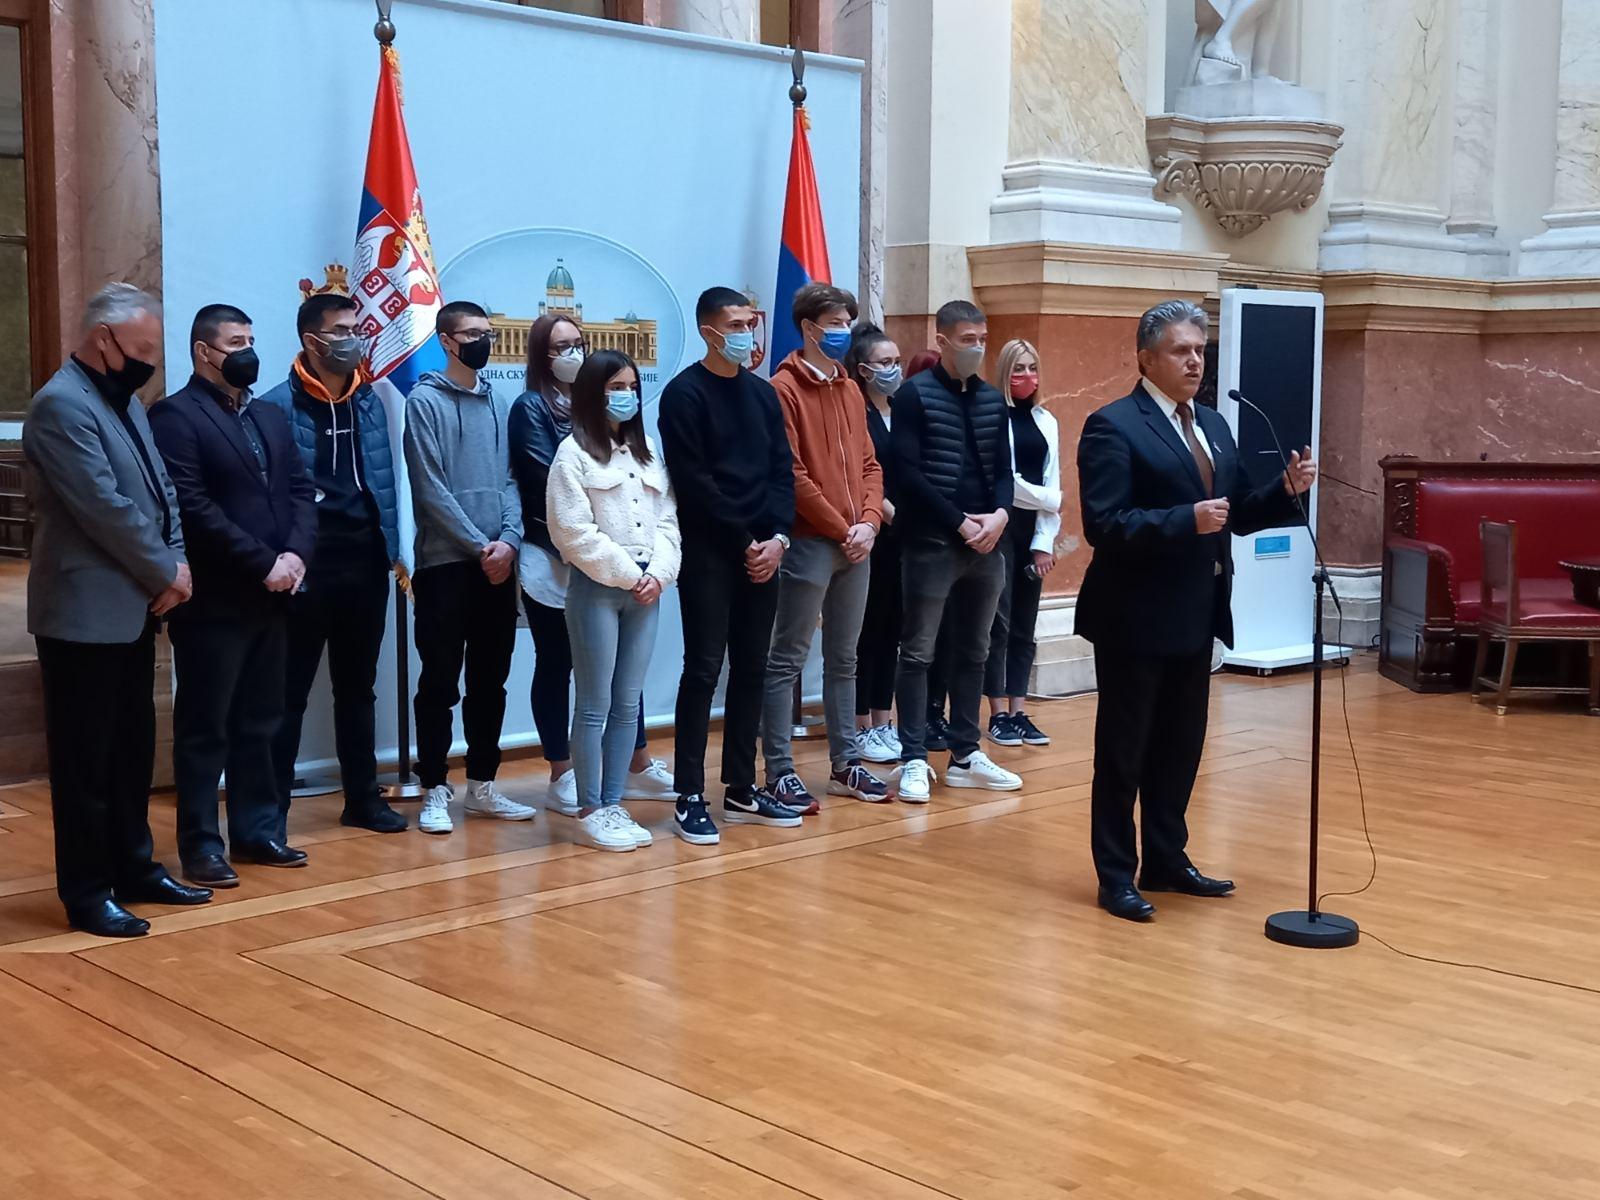 Miletić sa učenicima iz SŠ ,,Dušan Trivunac Dragoš'', foto: Info služba USS